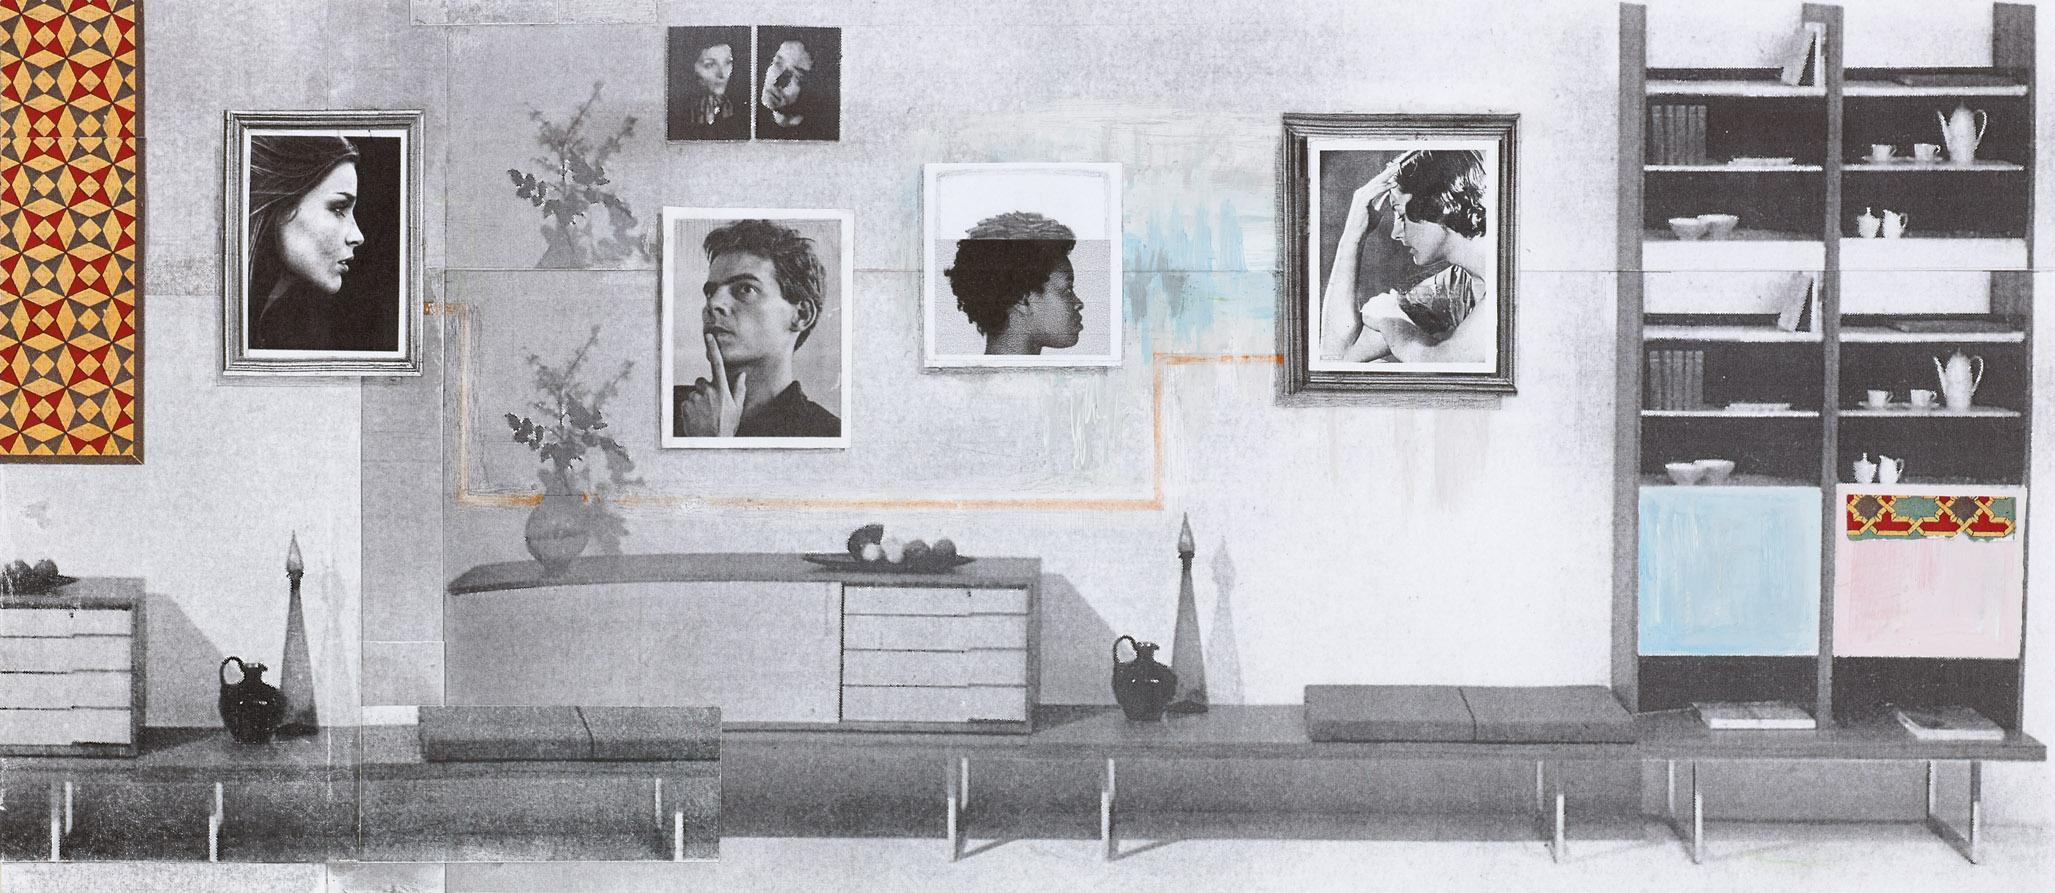 גילה גרינפילד, סיפור מסגרת, קולאז' על נייר,     19 X 44 cm, 2017